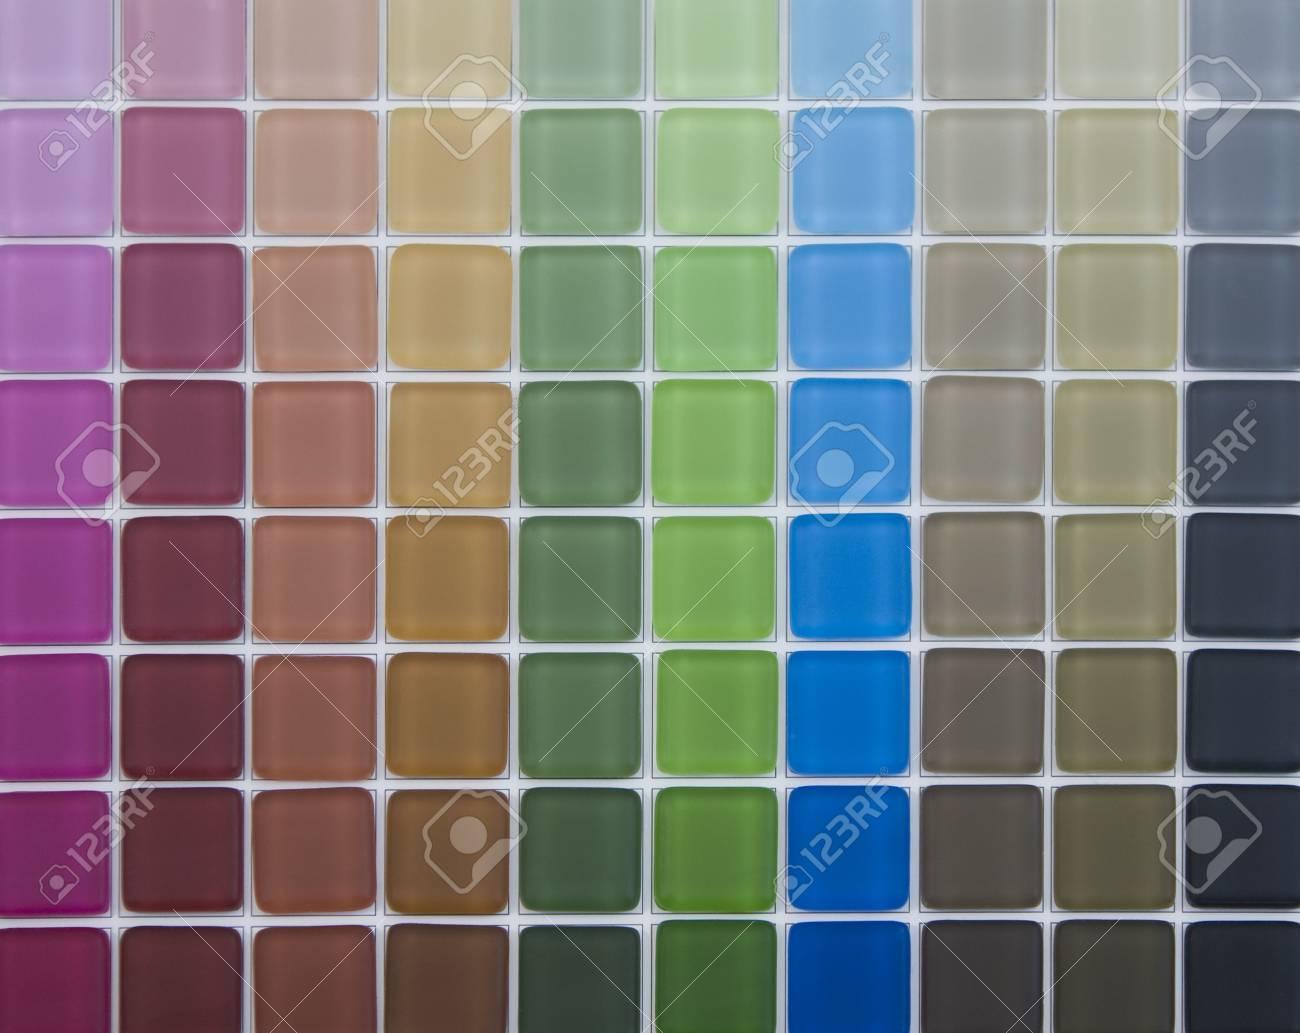 Colore mosaico per piscina cucina bagno foto royalty free immagini